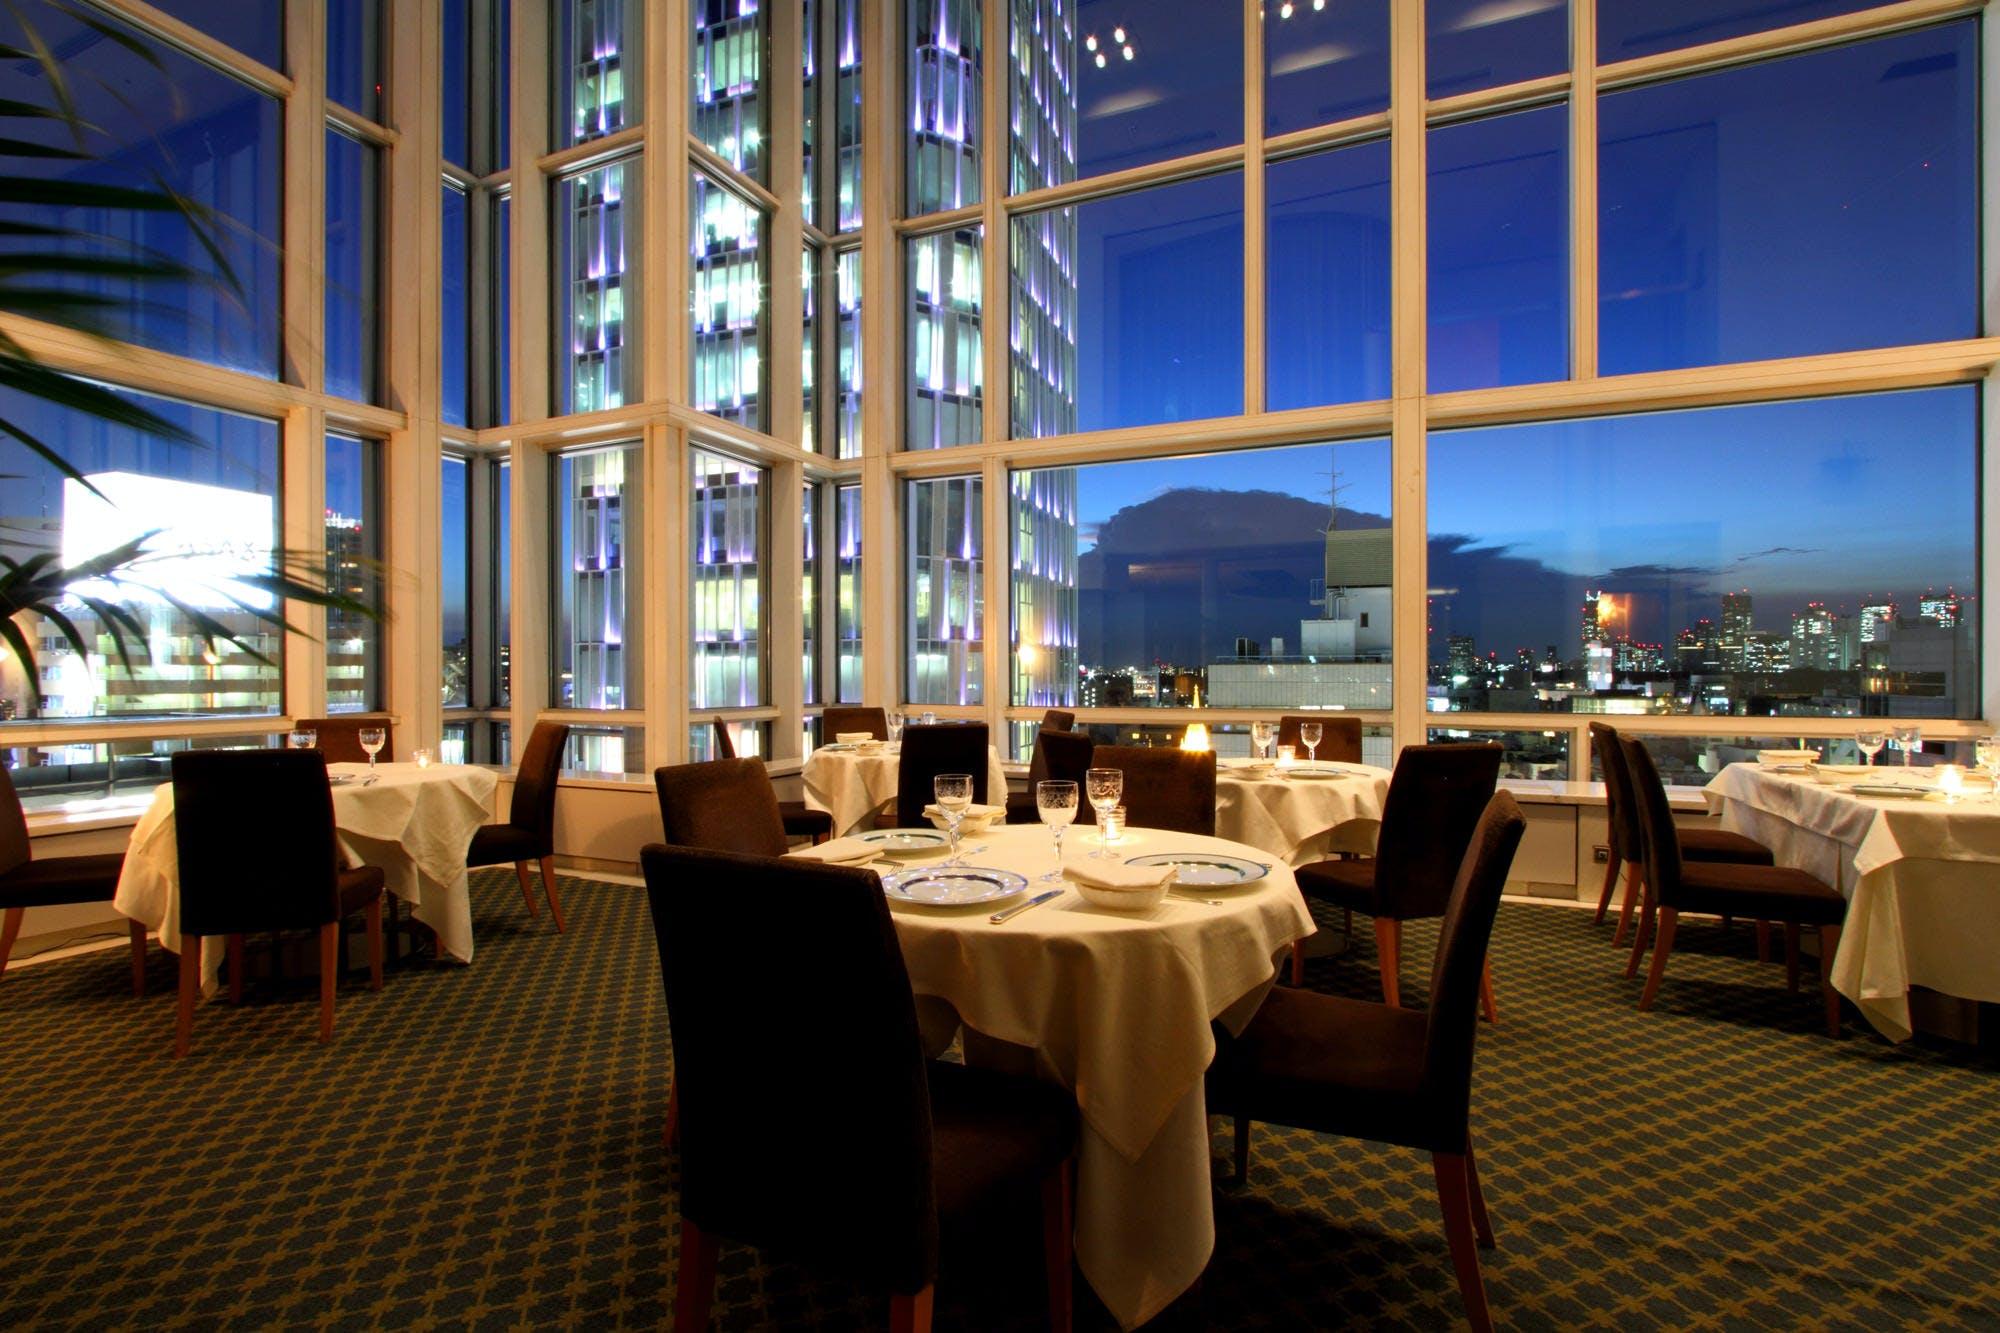 Restaurant Lounge Unclehat